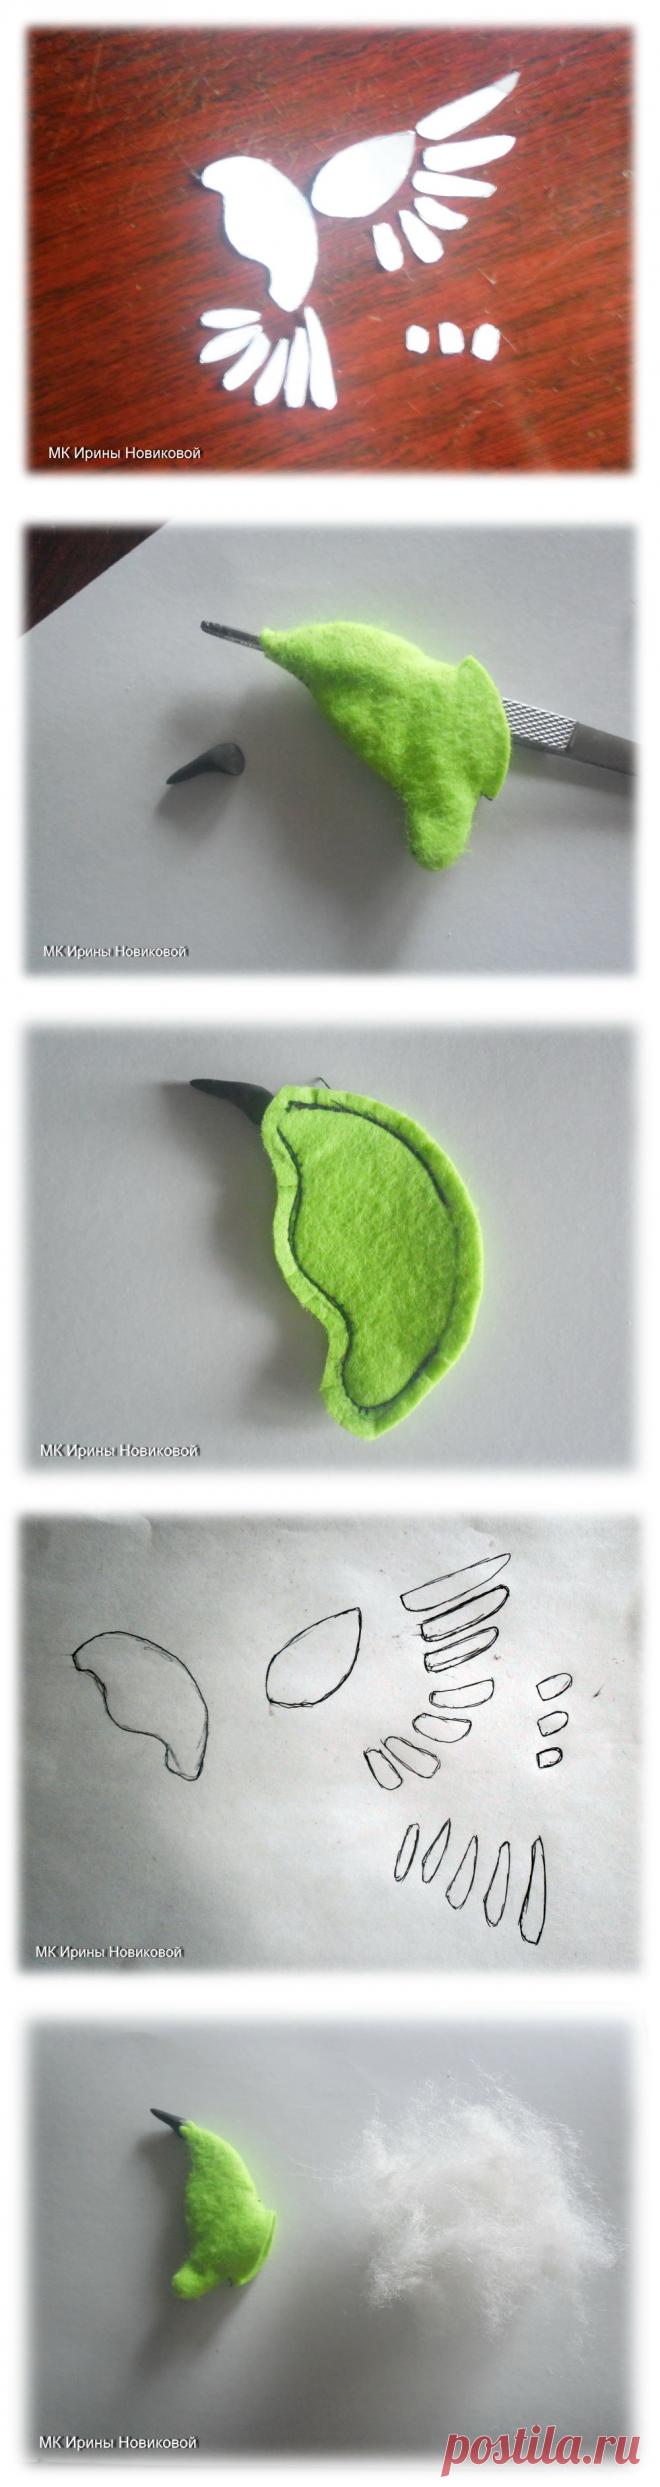 Шьем птичку-брошь из фетра и украшаем ее пайетками и бисером | Журнал Ярмарки Мастеров